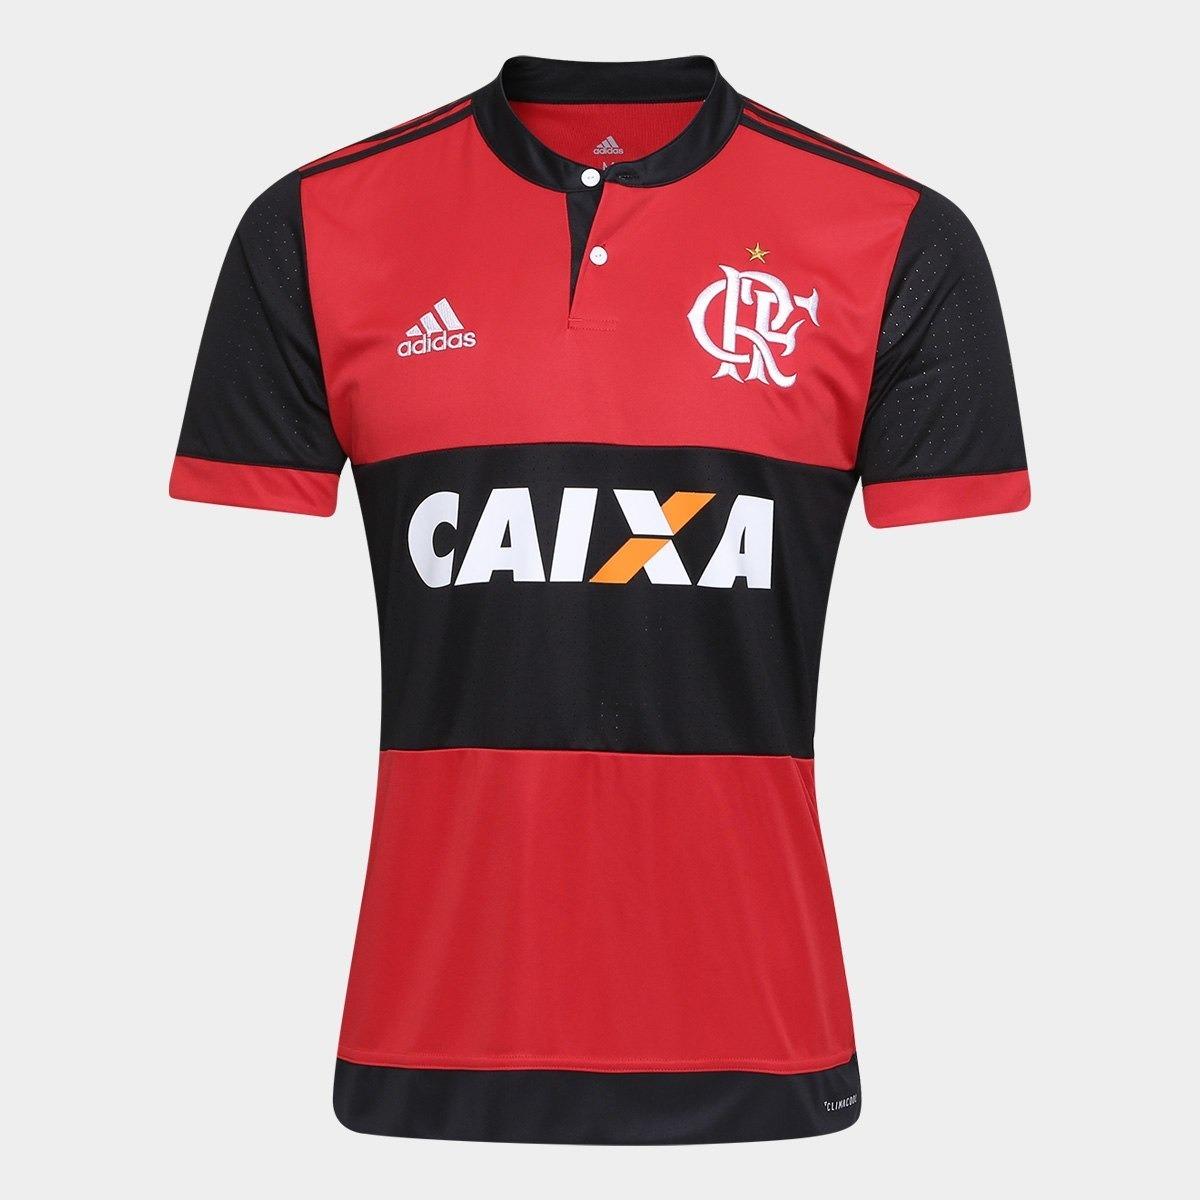 camisa flamengo i 17 18 - adidas masculina vermelho e preta. Carregando  zoom. c79f63e76a32c